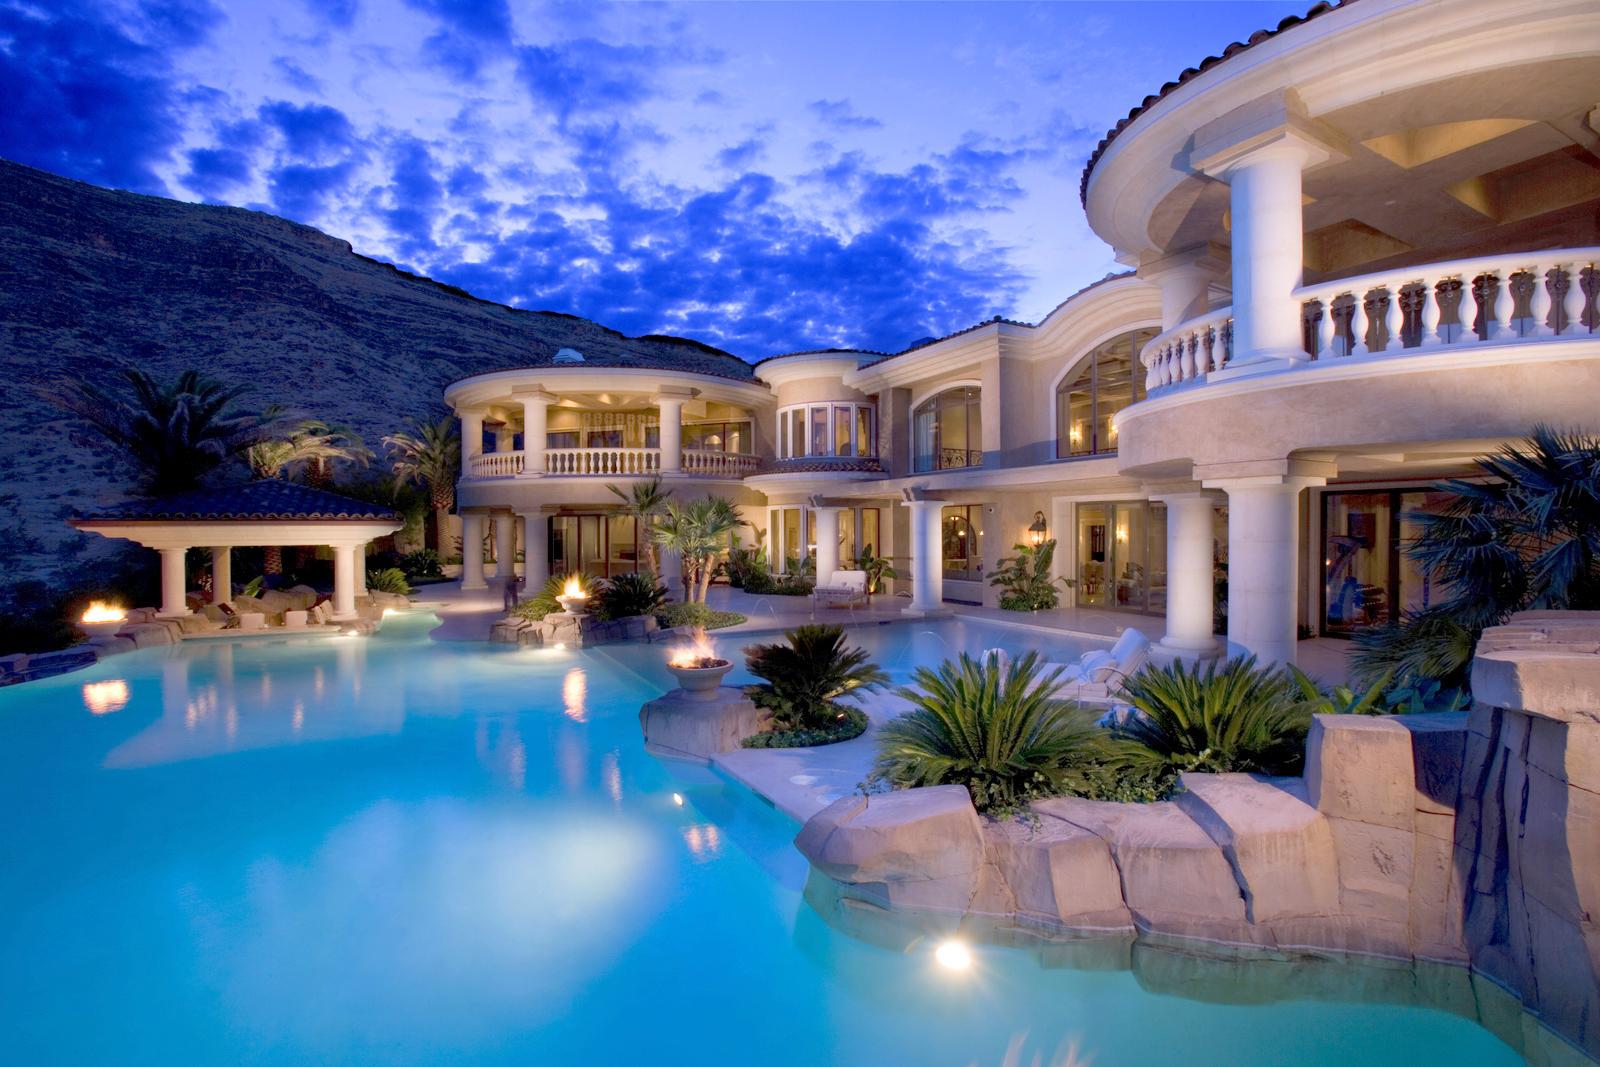 Top 10 Tips For Buying Luxury Properties